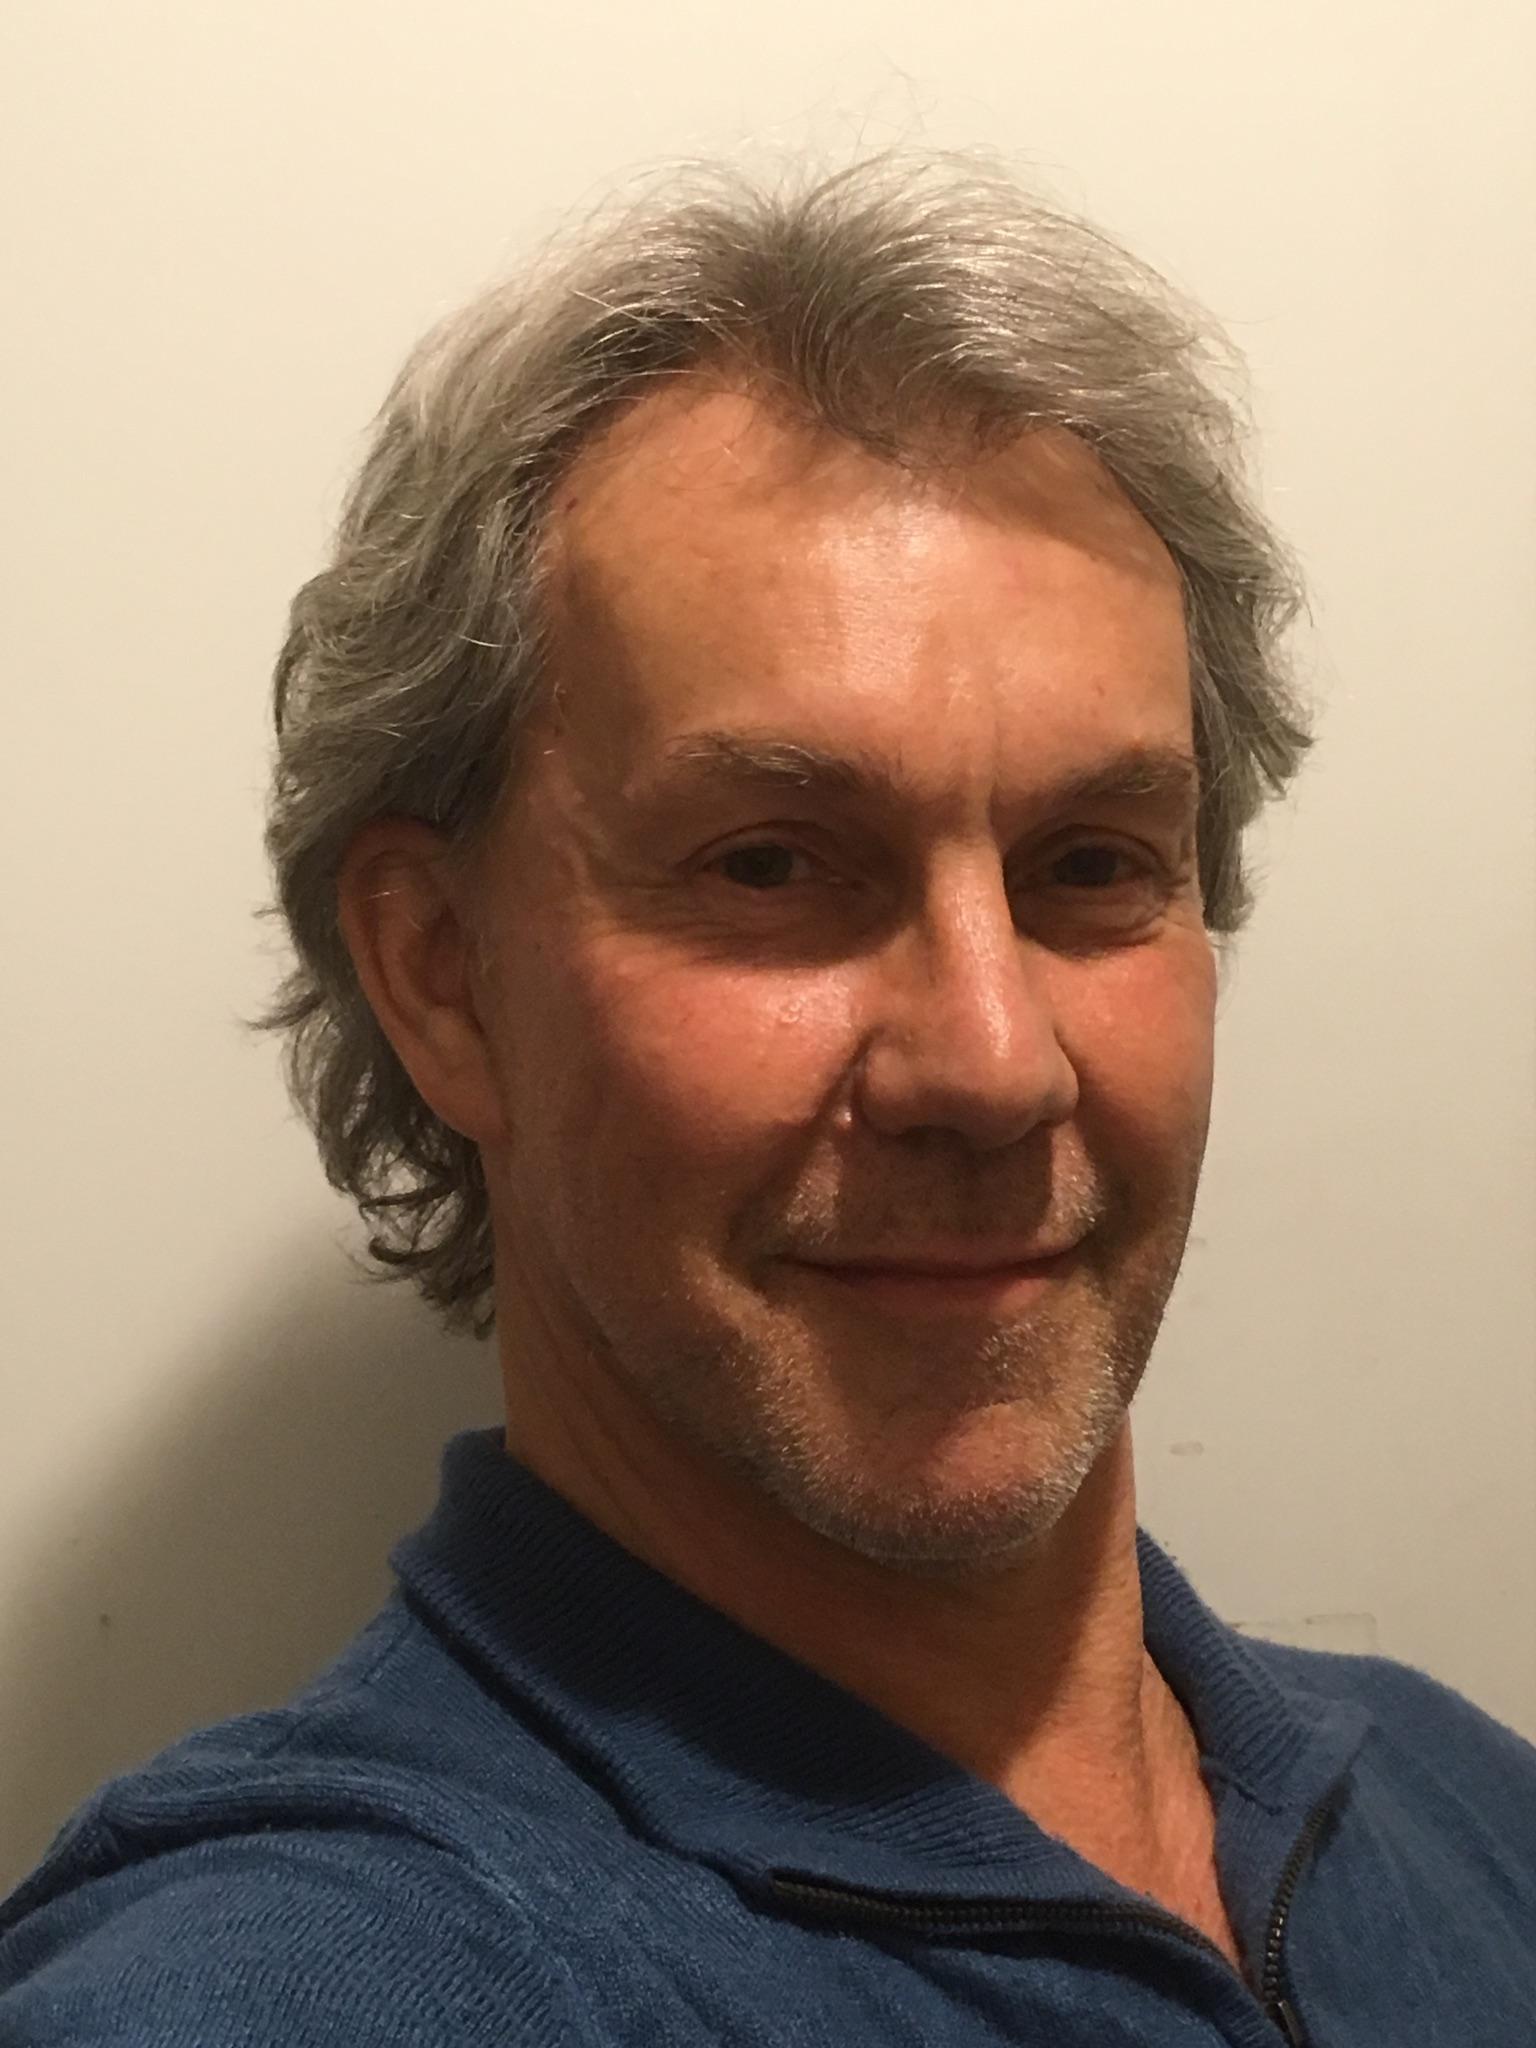 Open Studio - Insights into the Creative Practice | Greg Allen